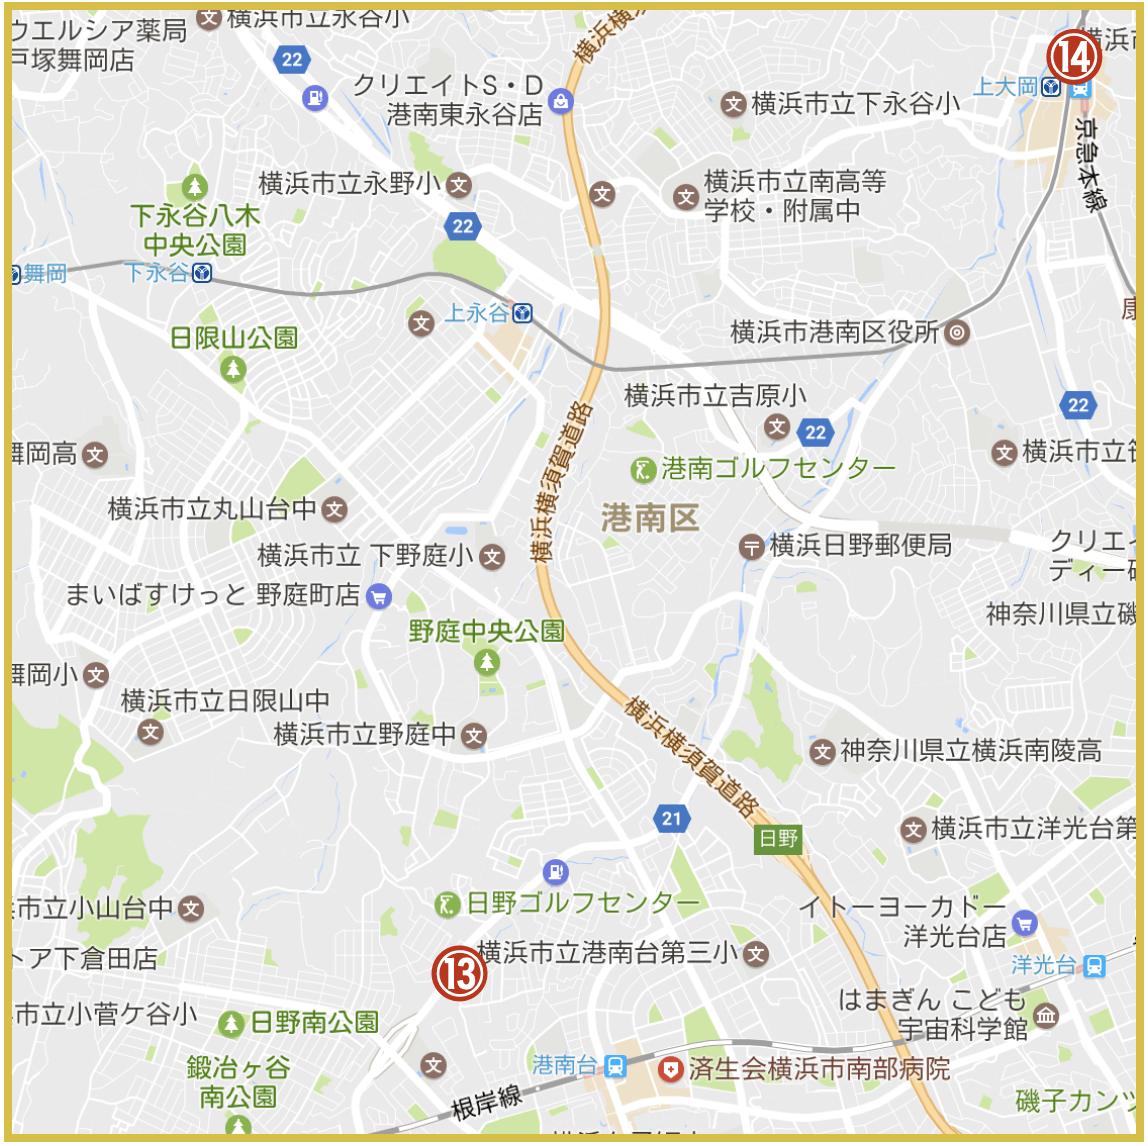 横浜市港南区にあるアコム店舗・ATMの位置(2020年11月版)